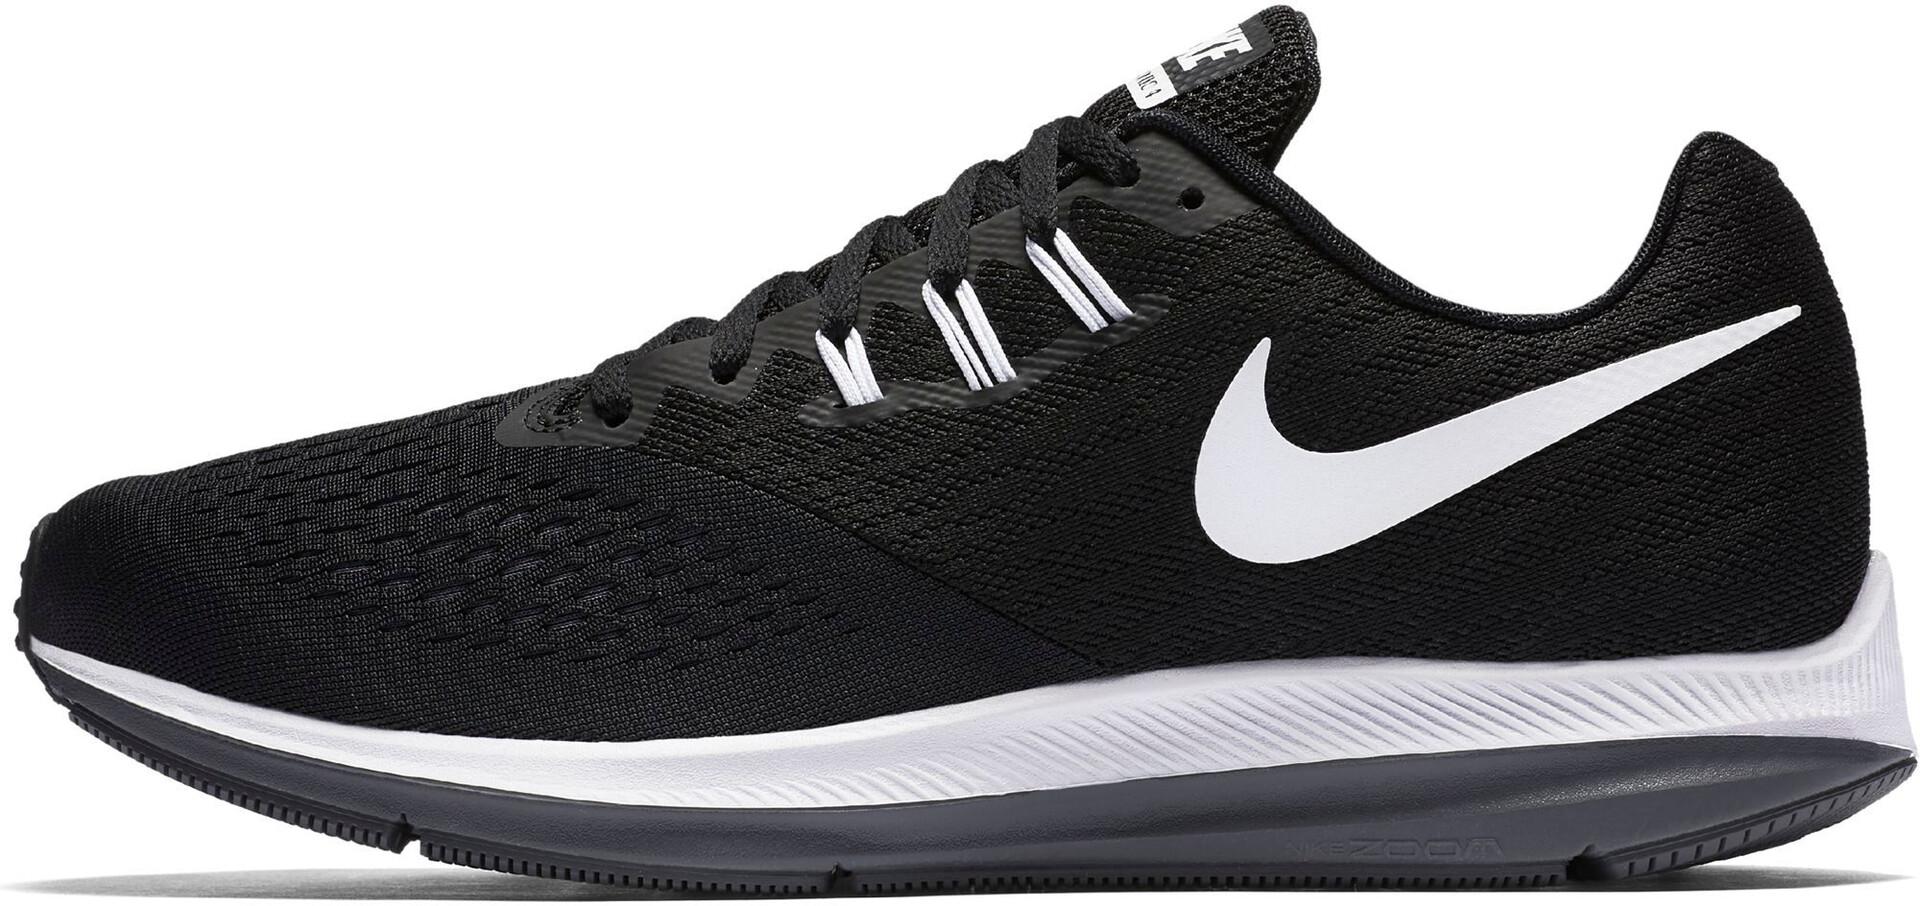 Zoom Zwart Air Nike Heren Winflo Op Hardloopschoenen 4 I Online a5Yqg